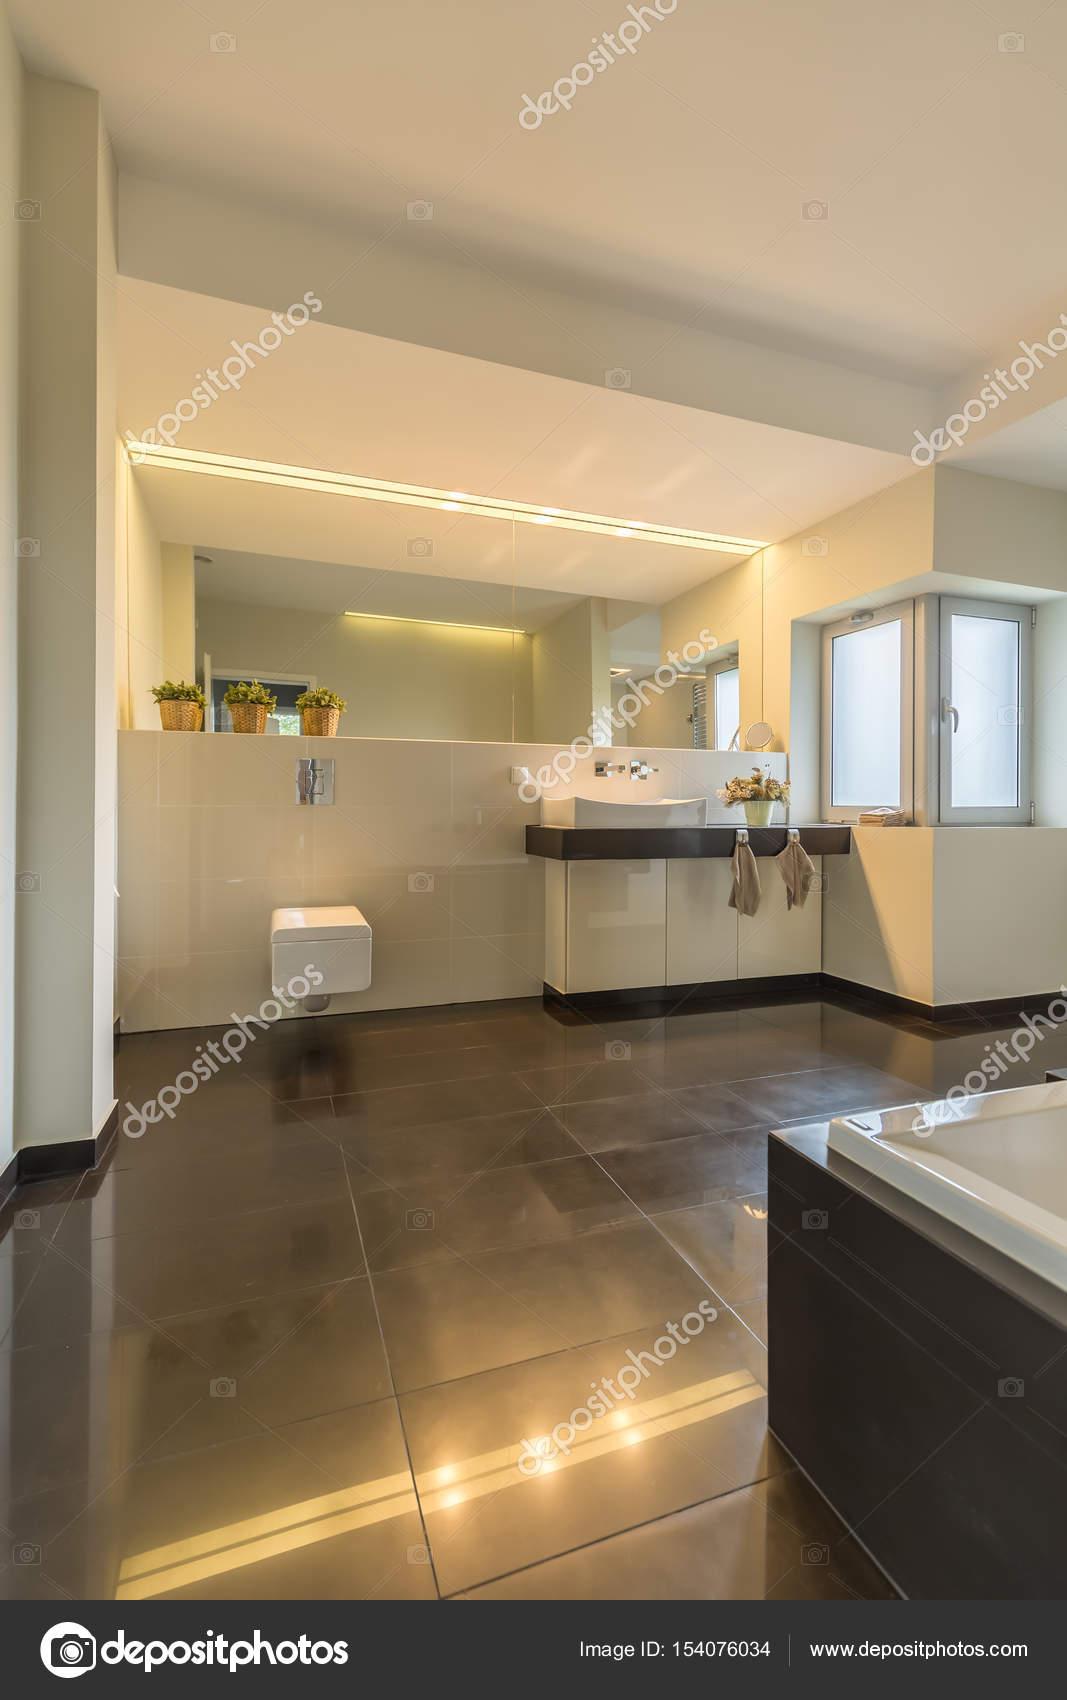 Nowoczesne Oświetlenie W Przestronną łazienkę Zdjęcie